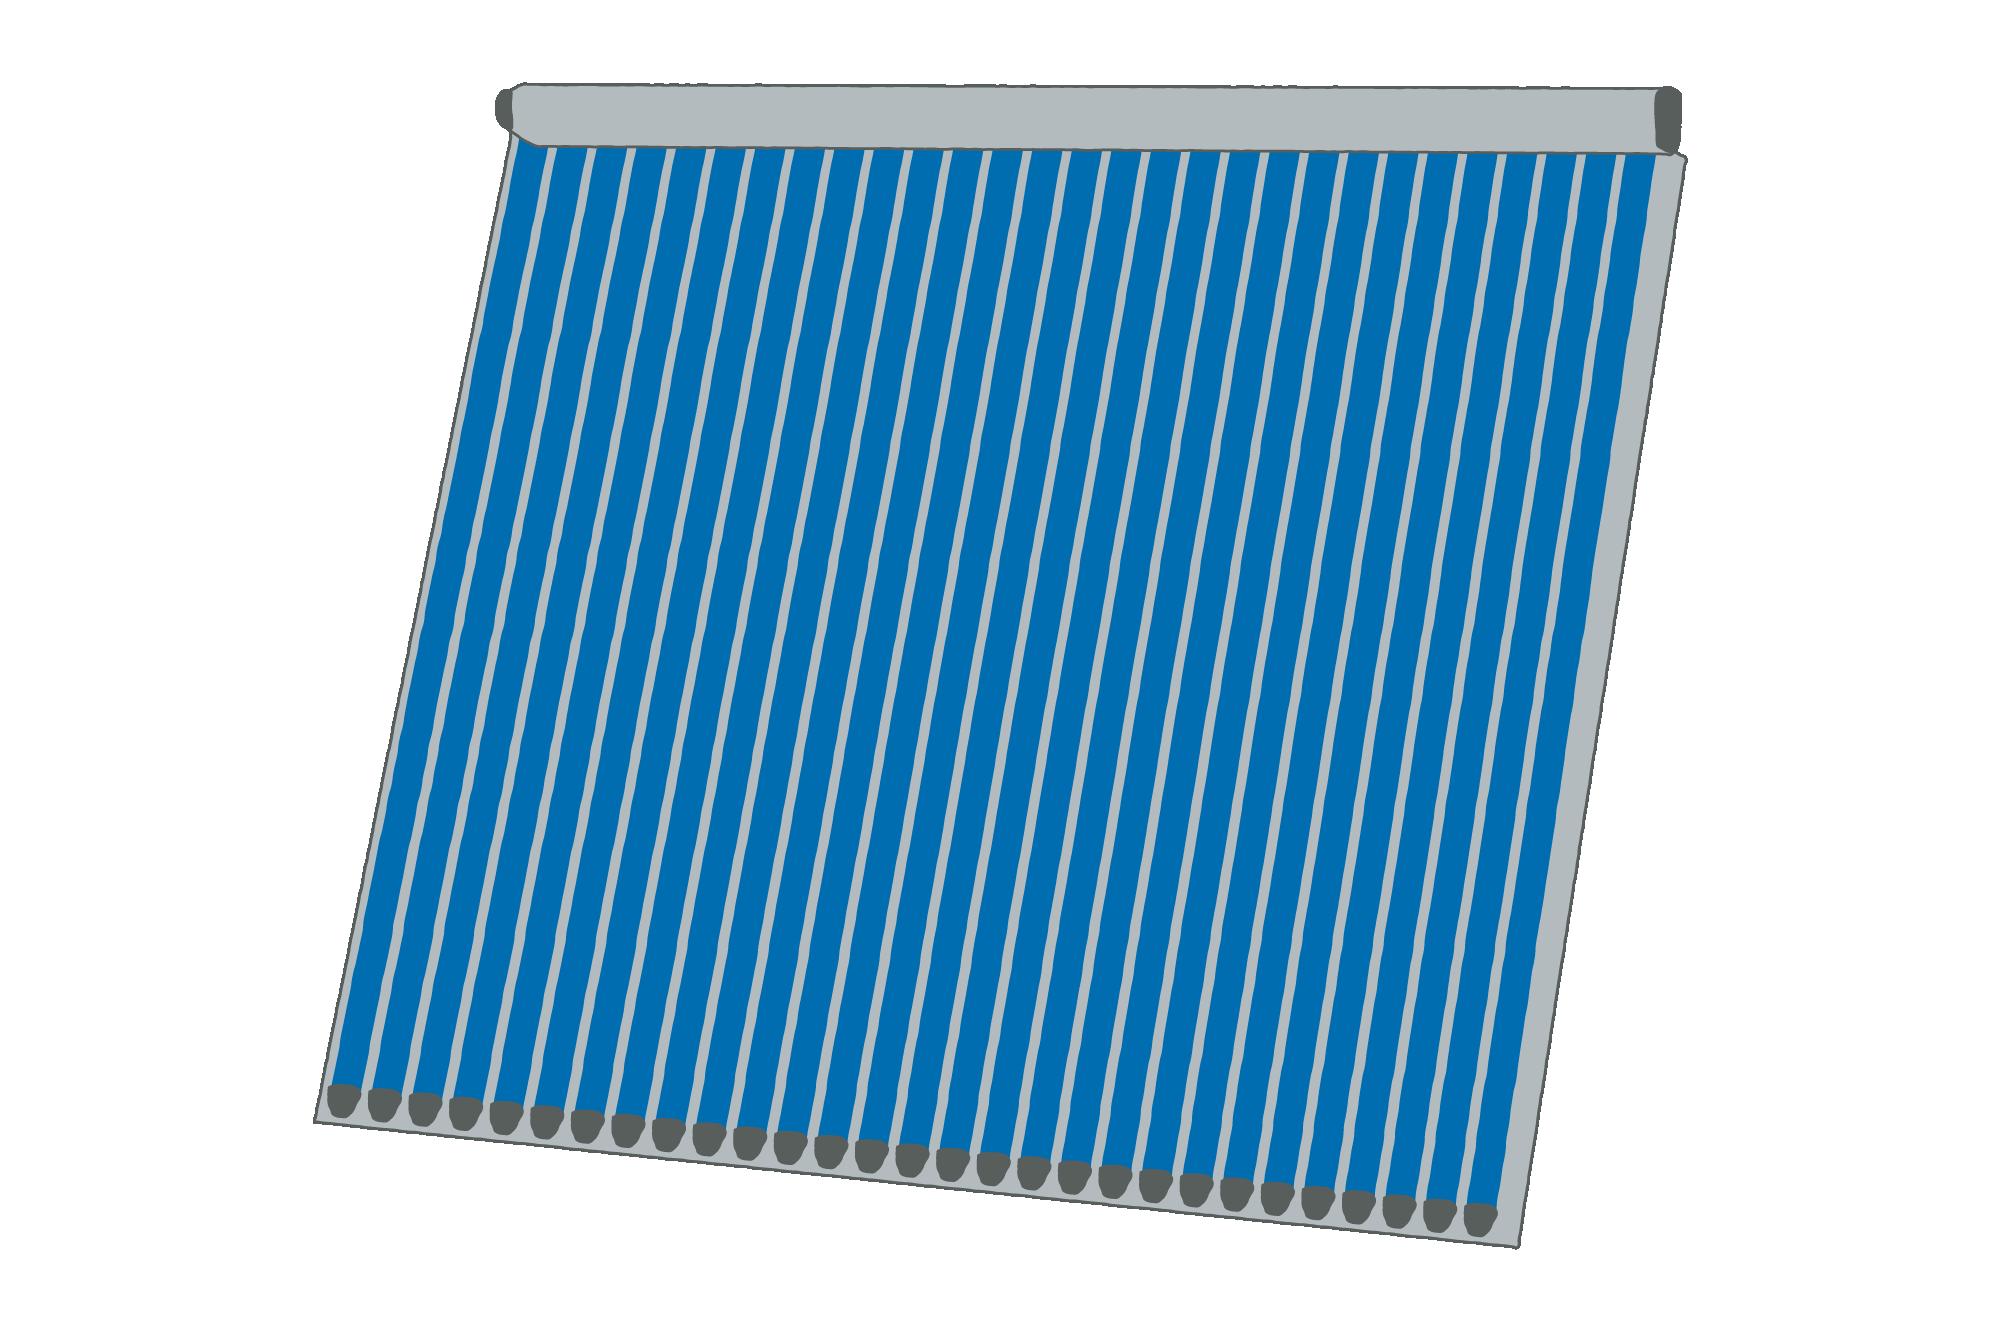 Solarthermie-Kollektor